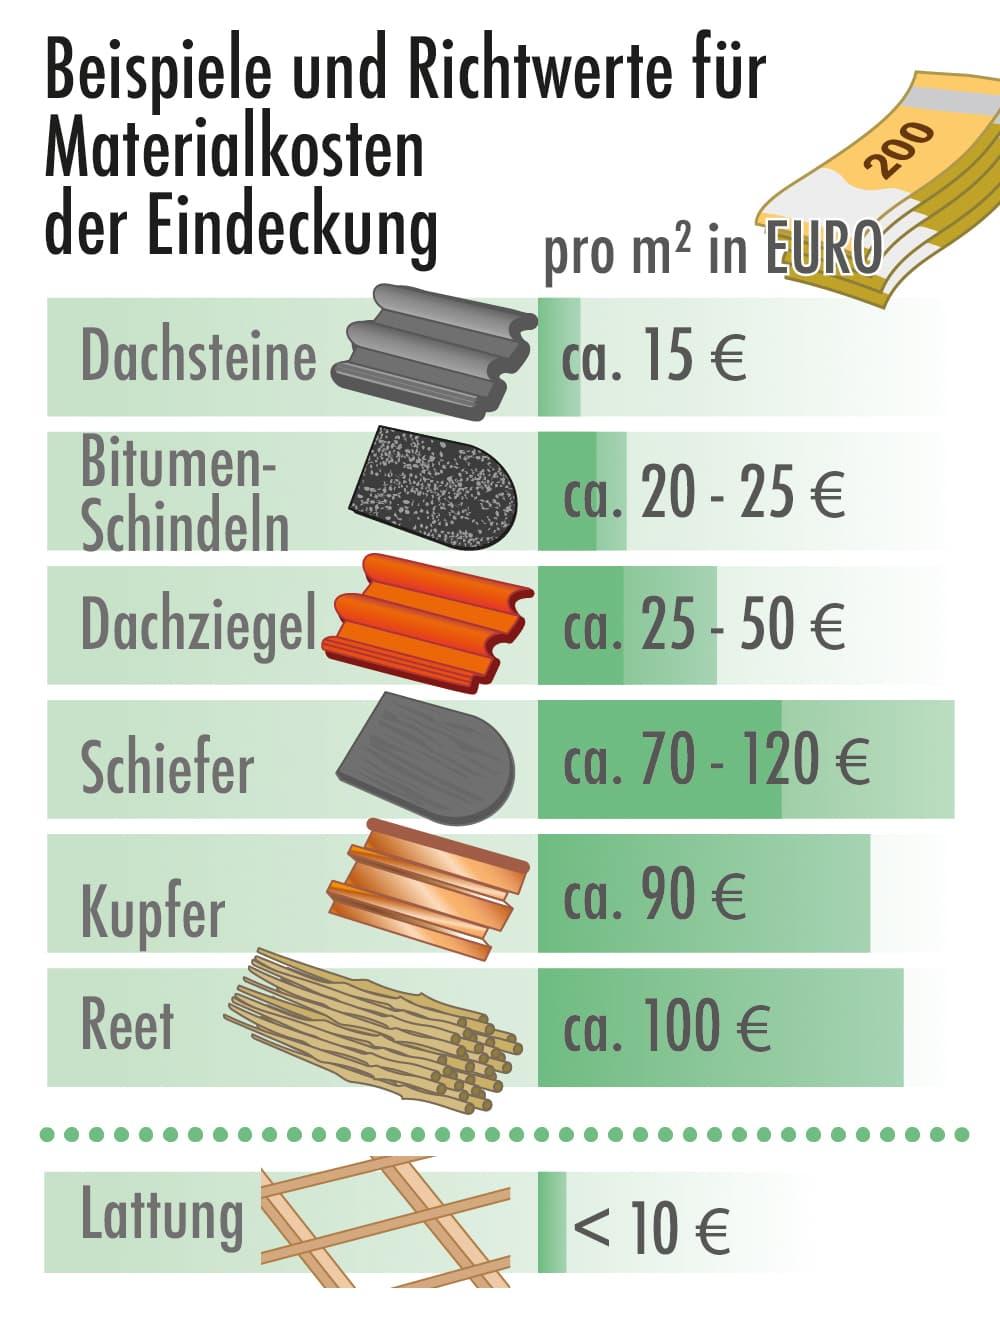 Beispiele und Richtwerte für die Materialkosten bei der Eindeckung